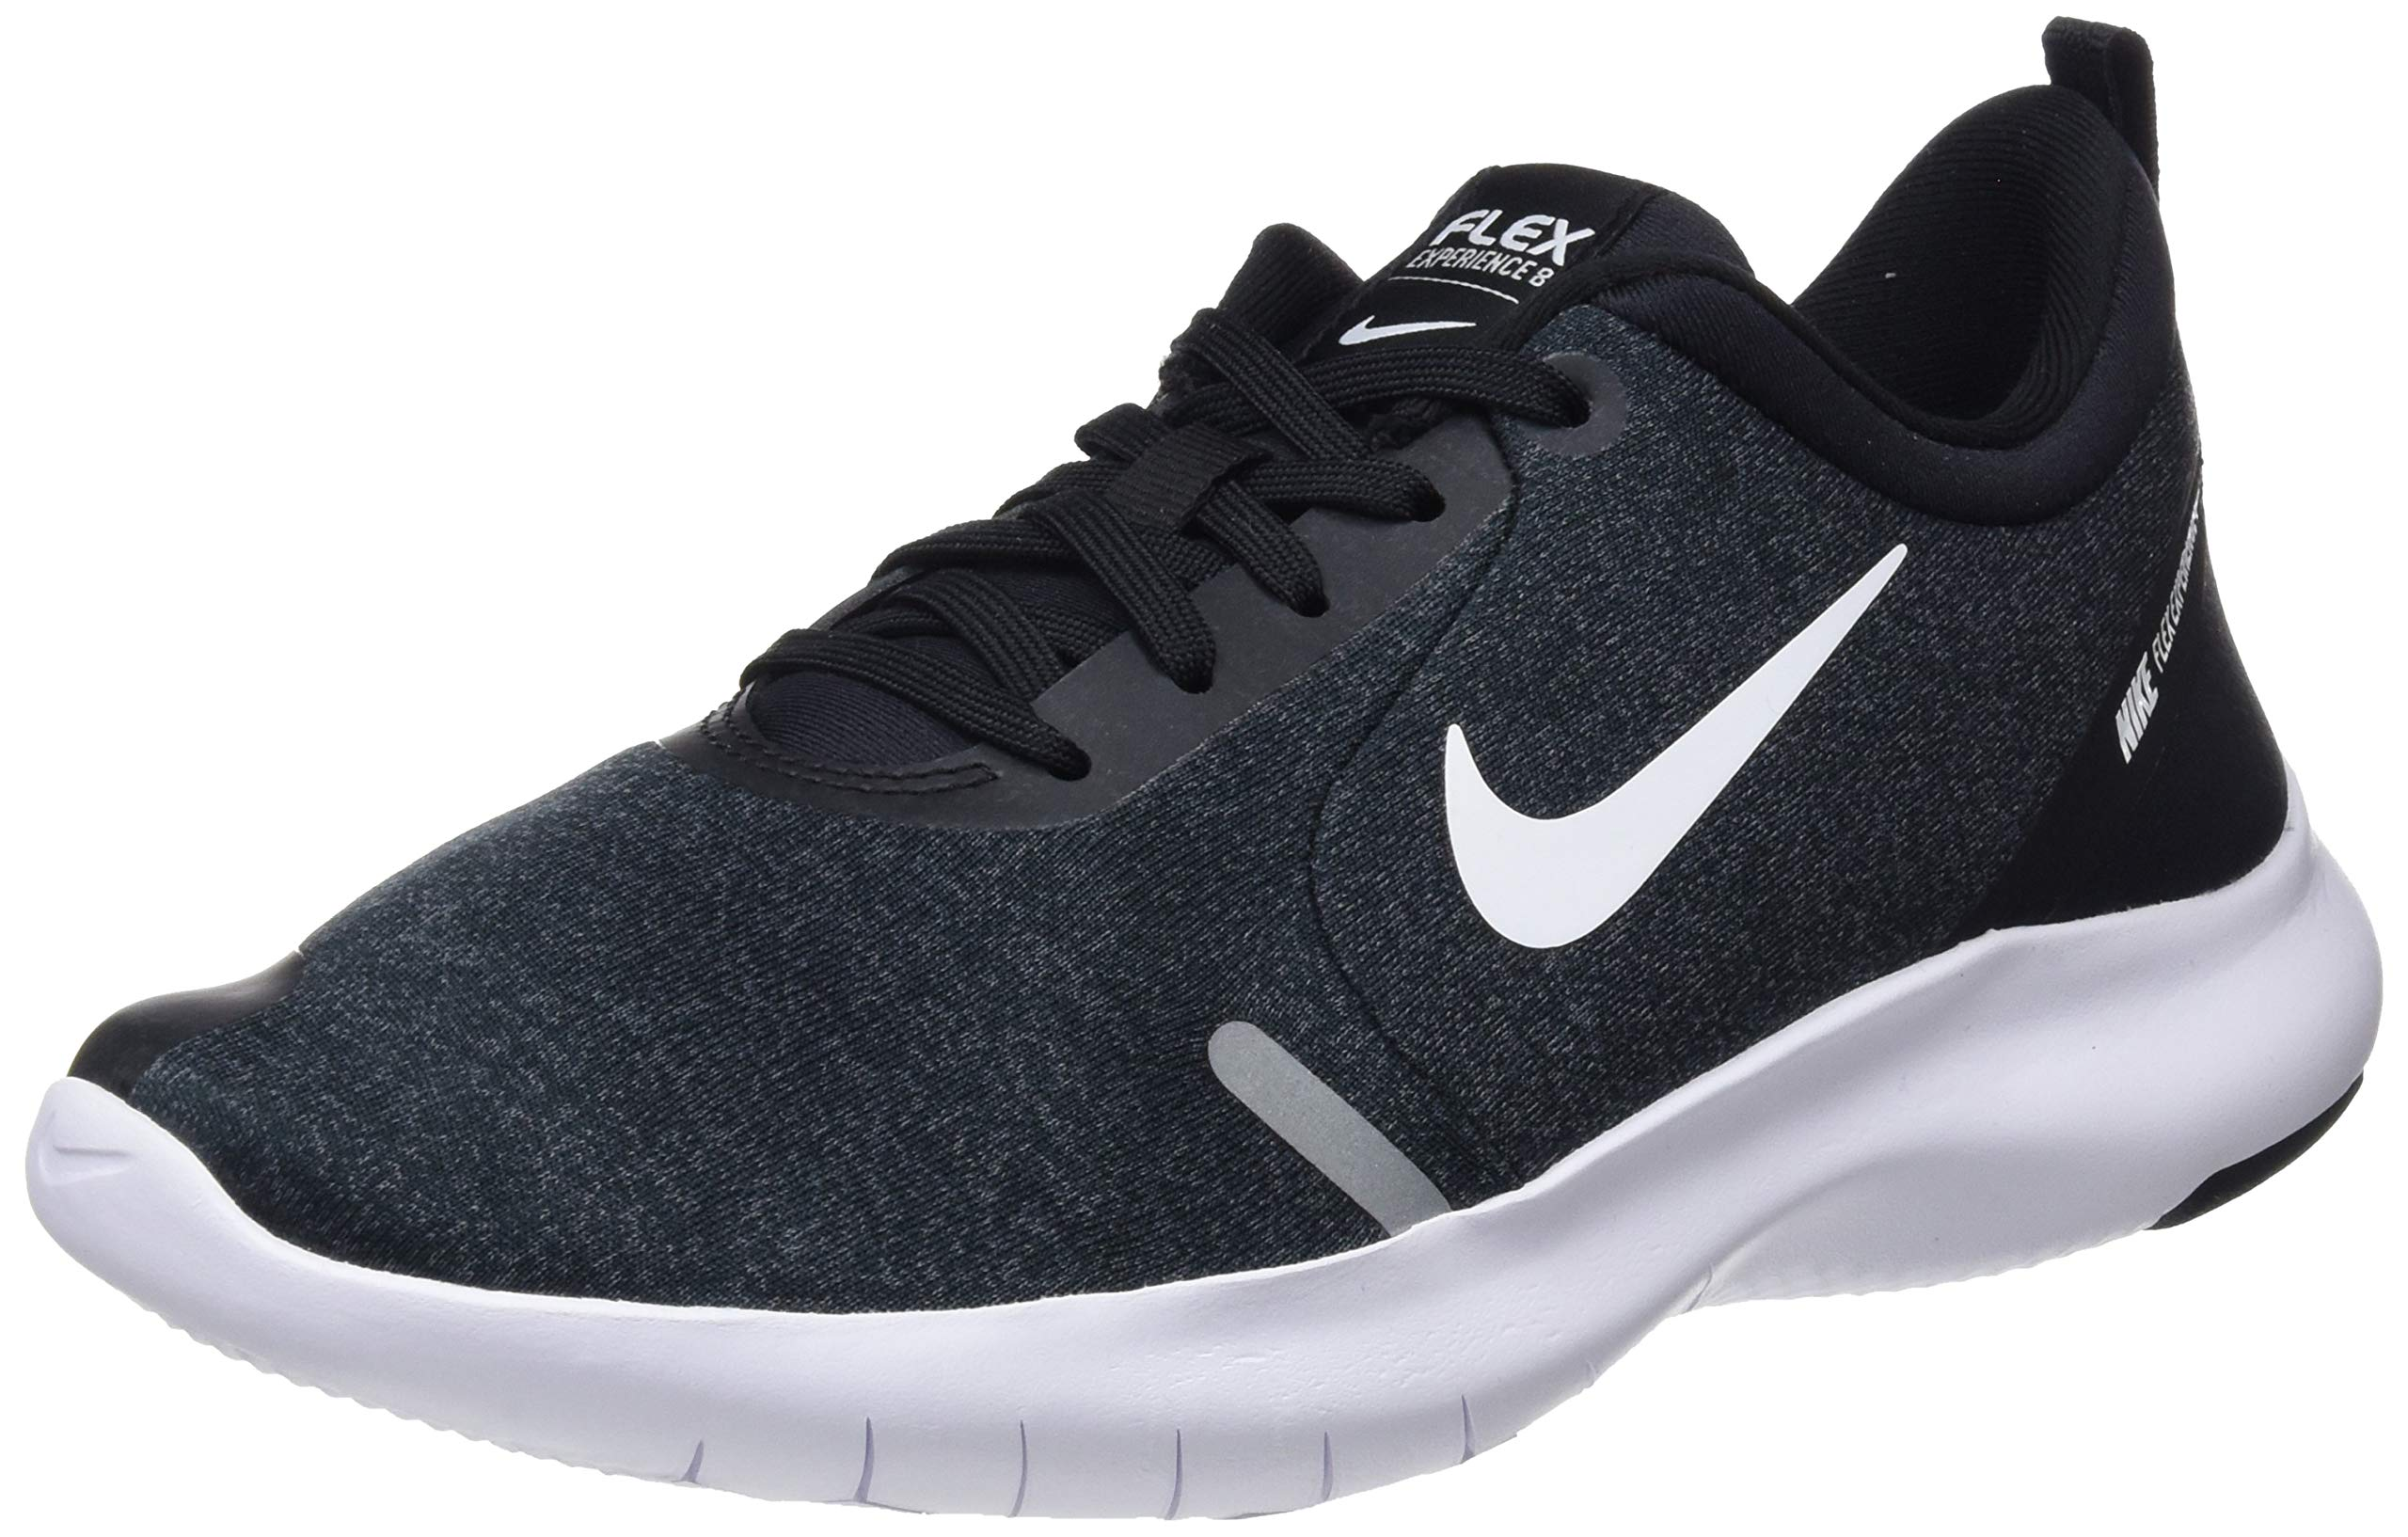 Nike Damen WMNS Flex Experience Rn 8 Laufschuhe